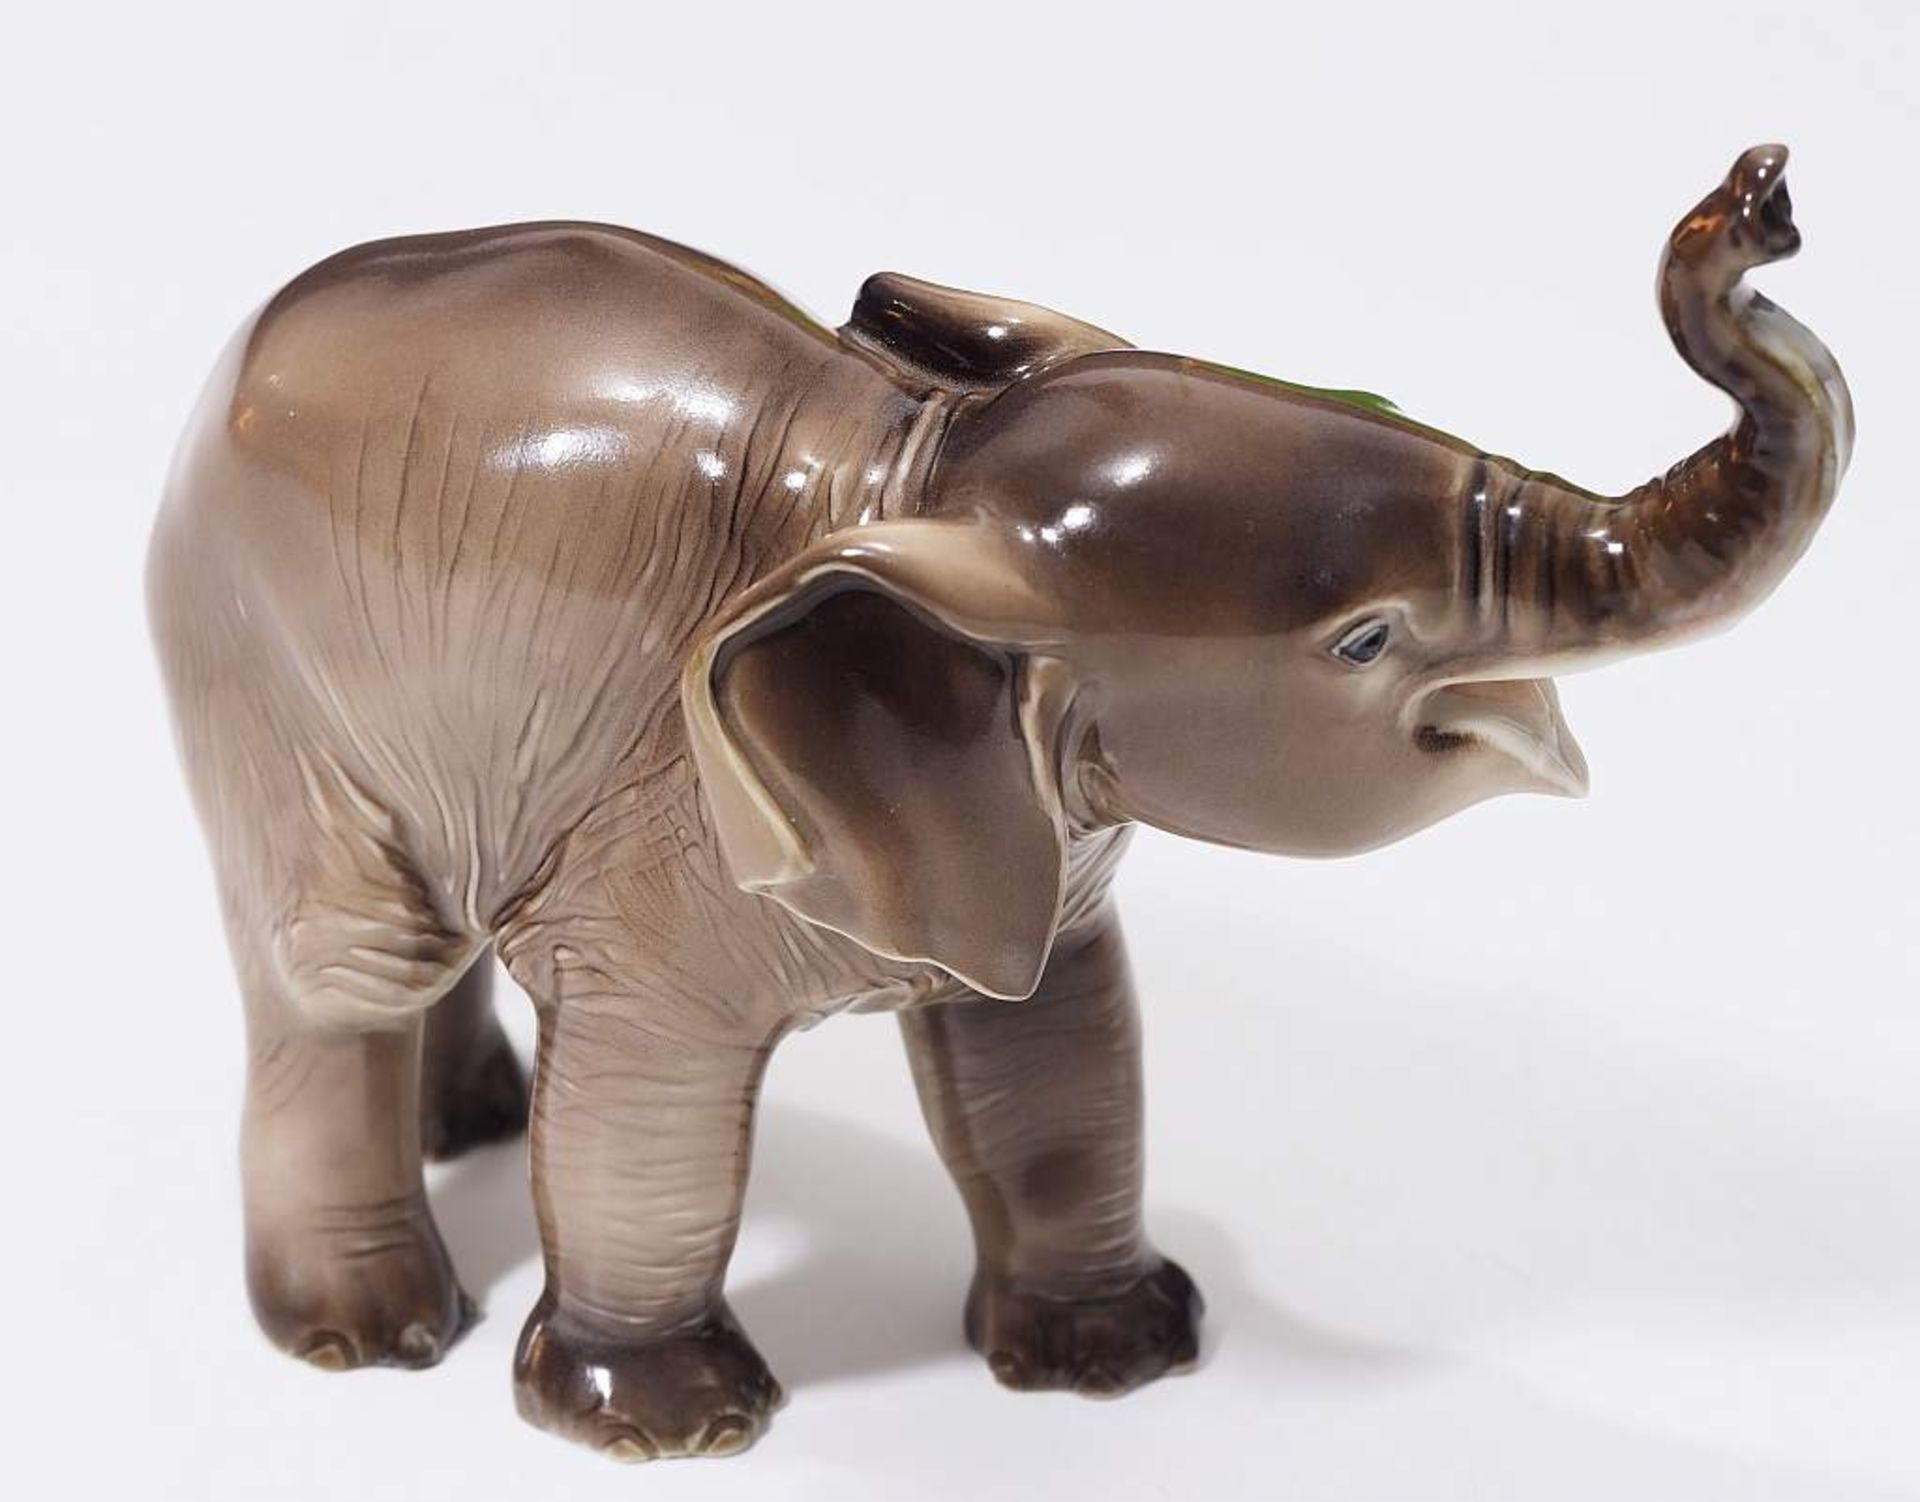 """Sehr seltene Tiefigur """"Elefant, trompetend"""", ALLACH. Sehr seltene Tiefigur """"Elefant, trompetend"""", - Bild 4 aus 12"""